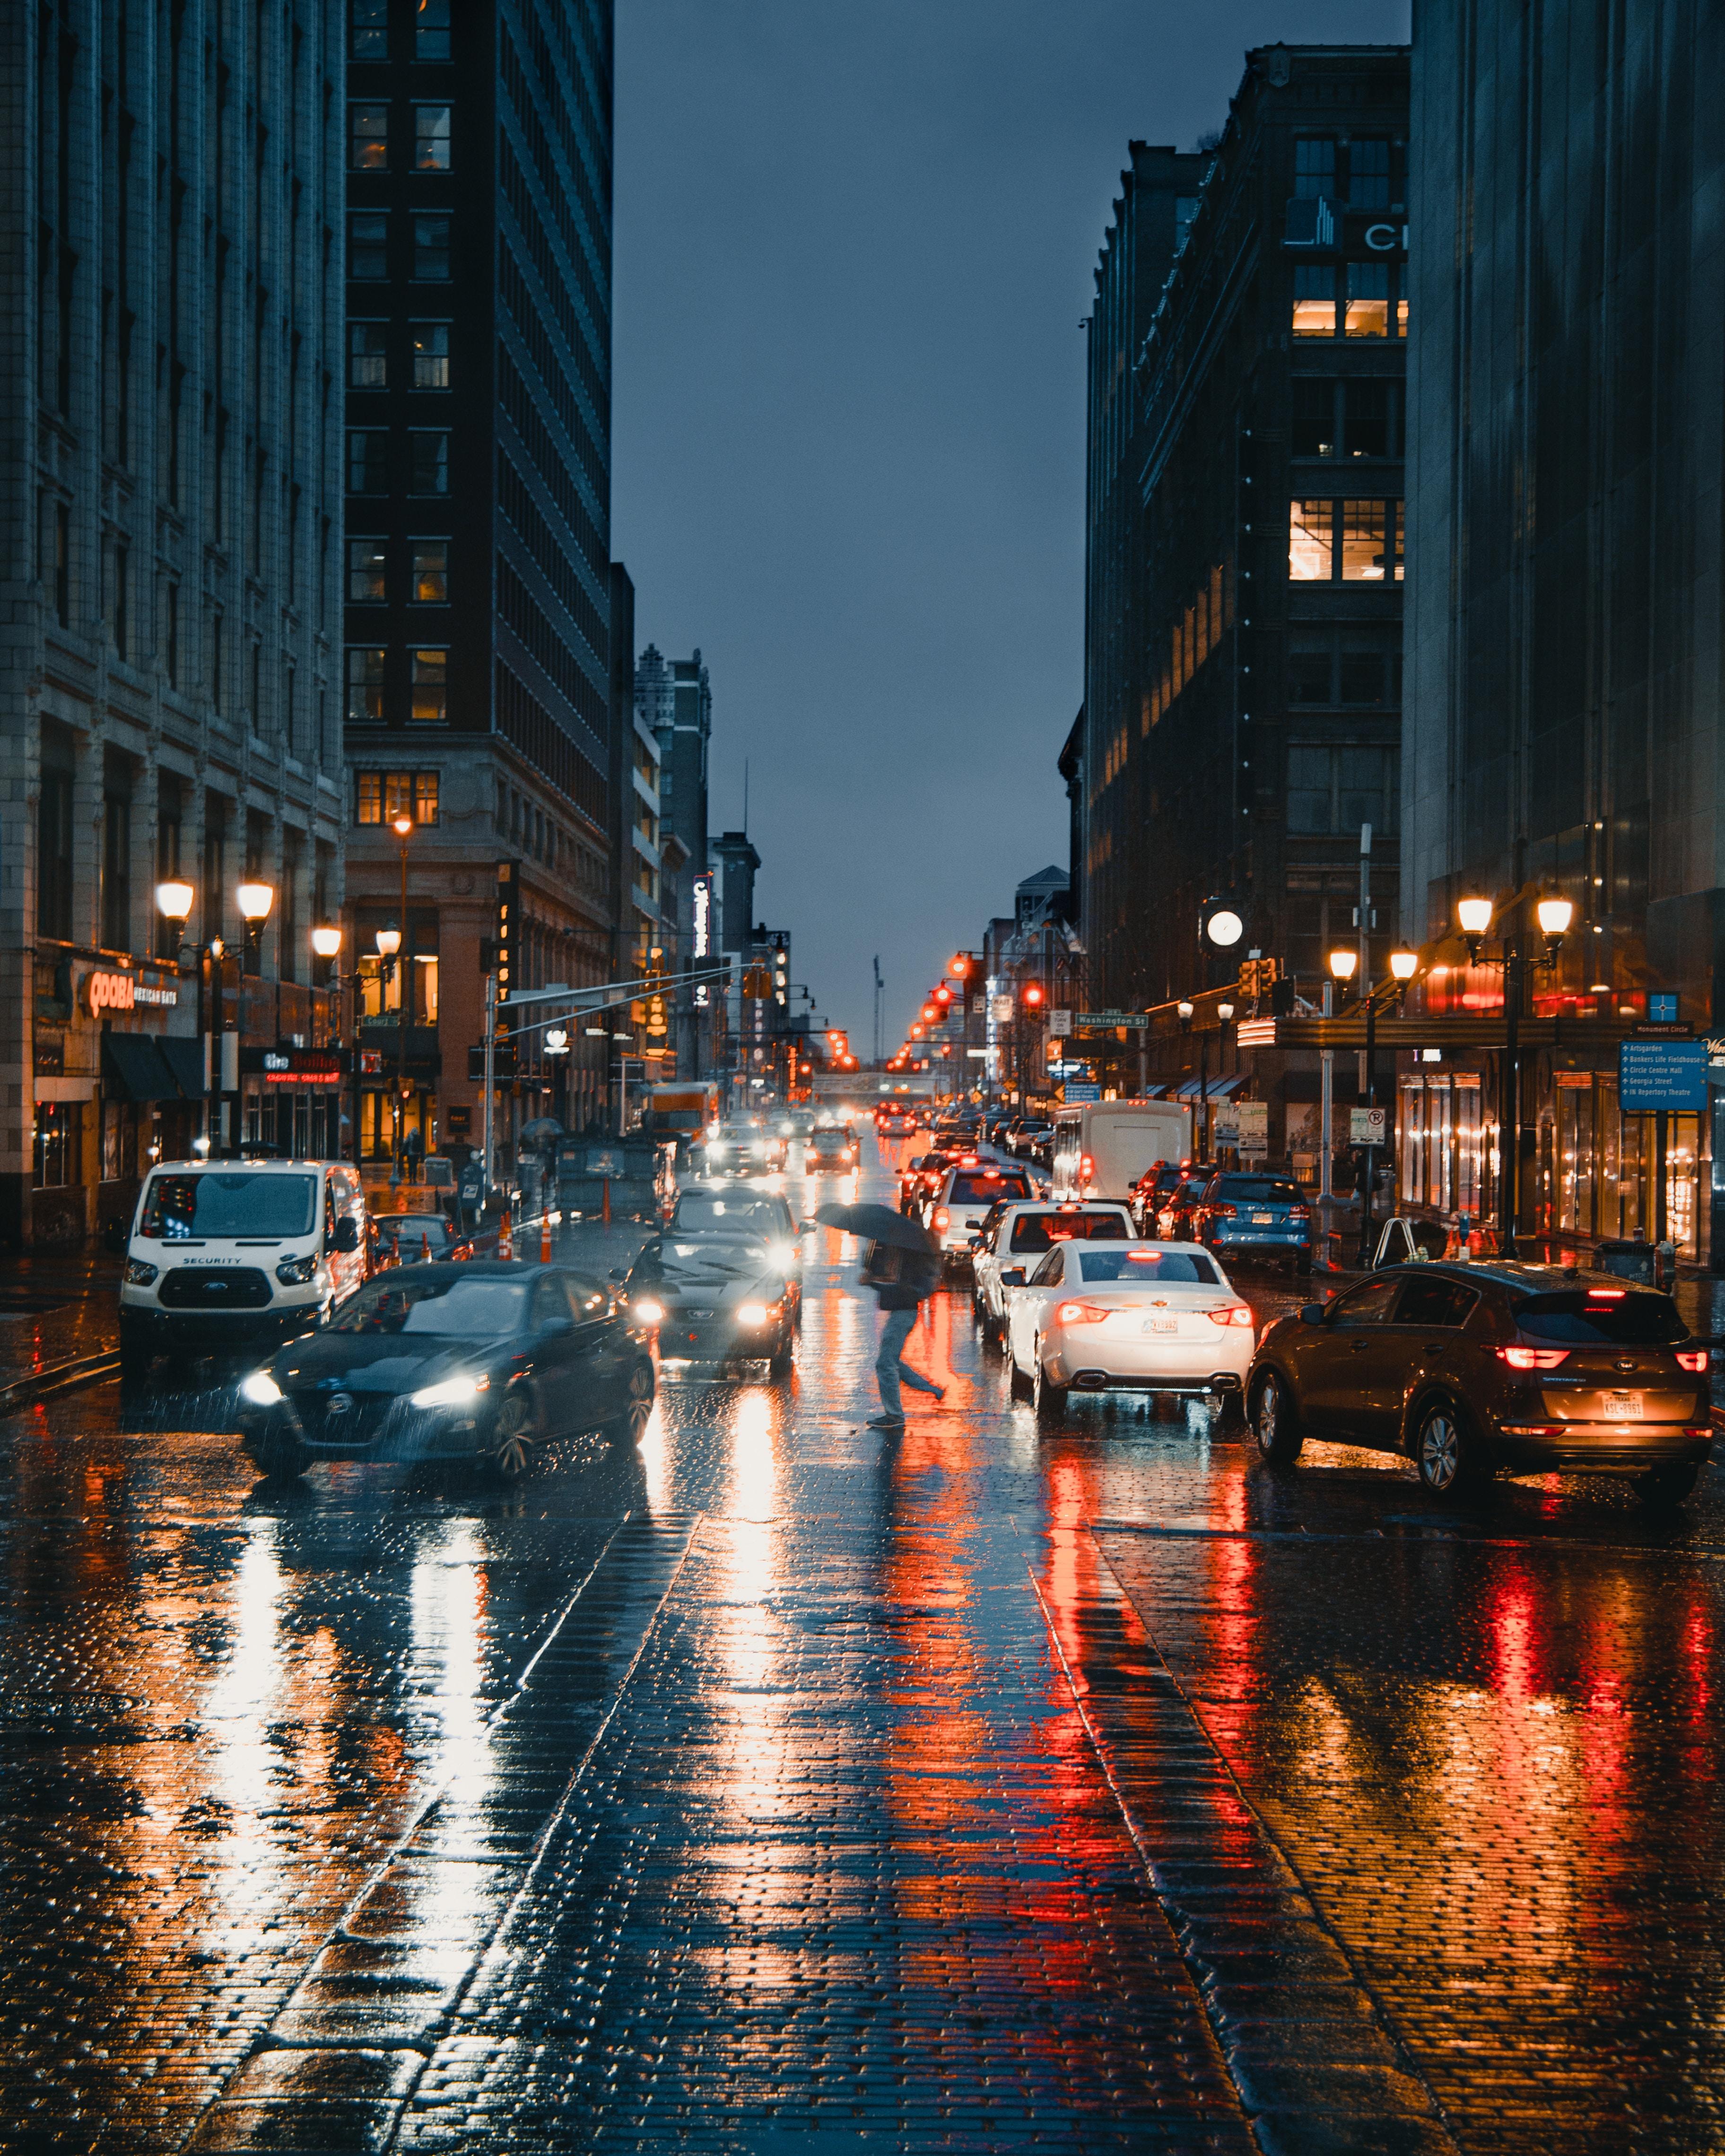 132243 скачать обои Дорога, Улица, Город, Дождь, Города, Машины - заставки и картинки бесплатно